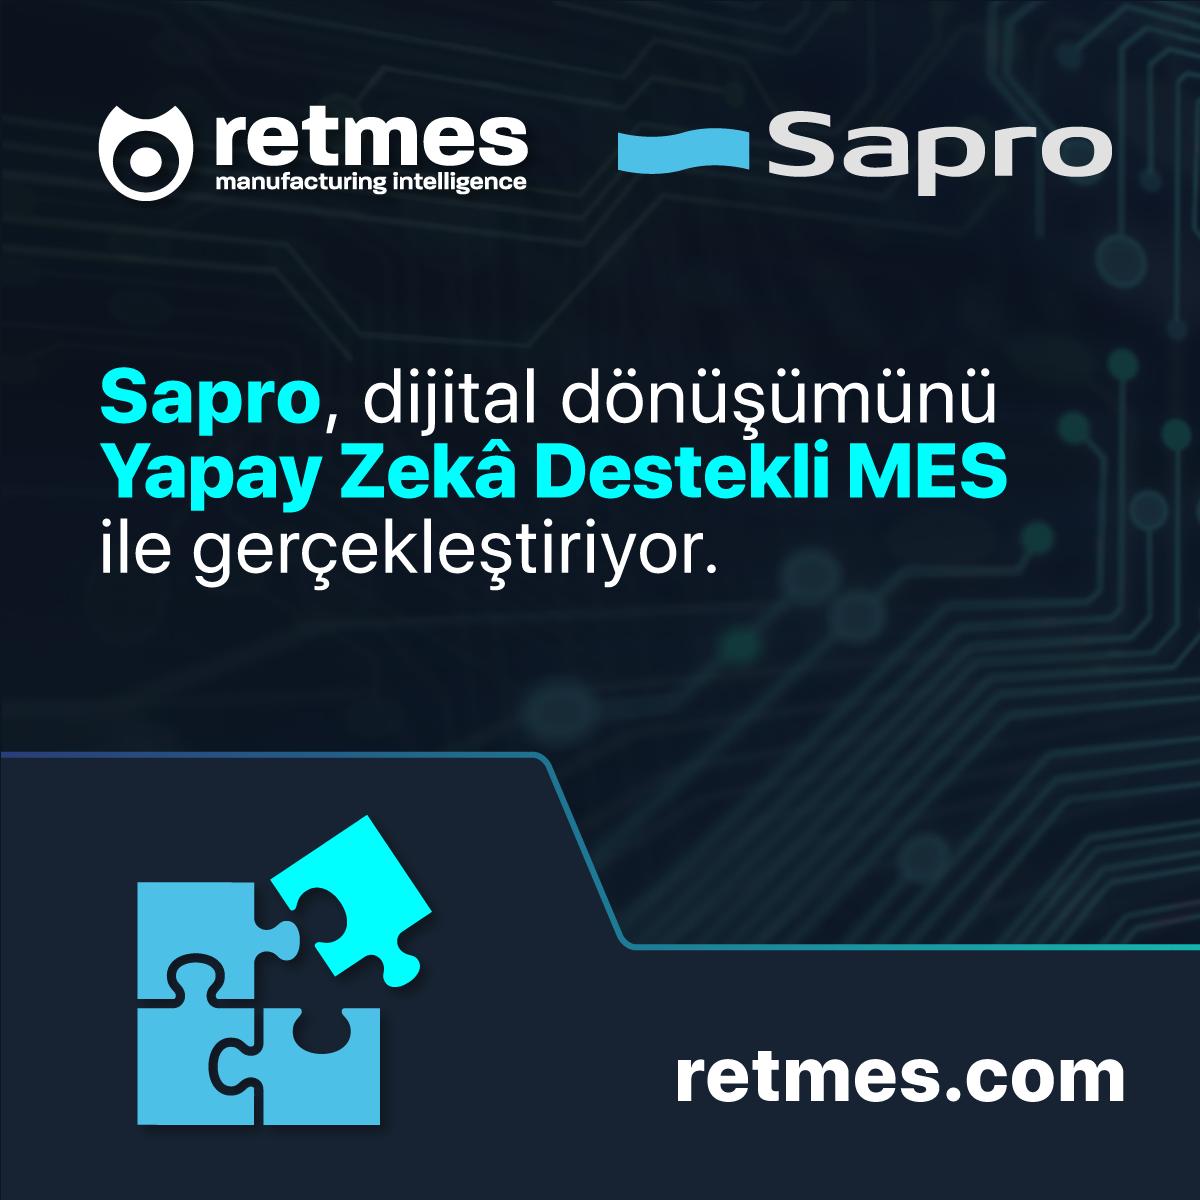 Sapro ve Retmes Dijital Dönüşüm